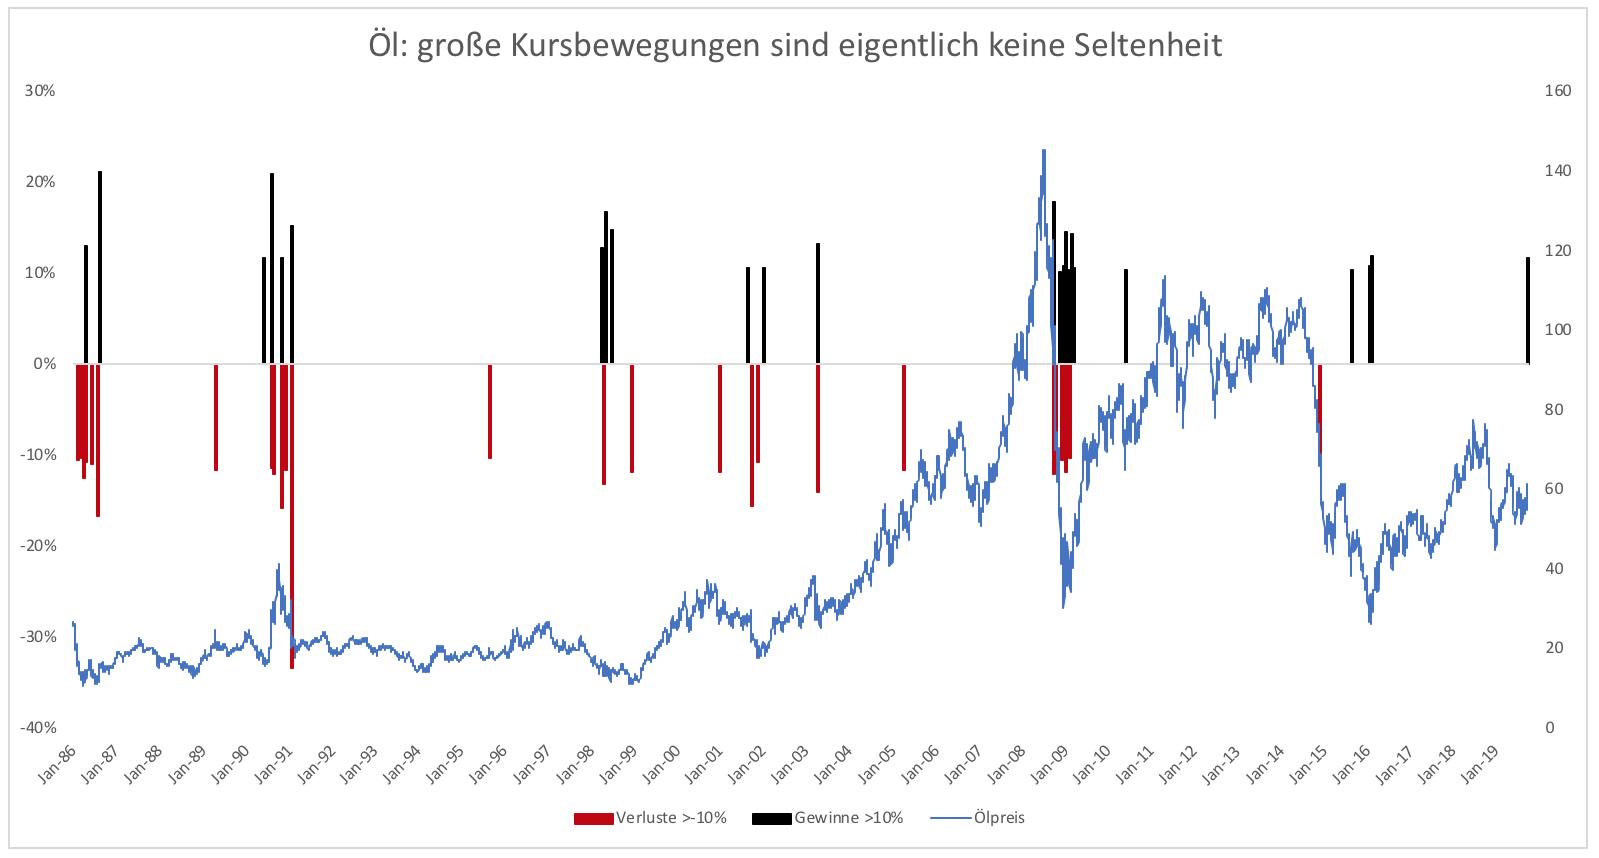 Kann-man-mit-Ölaktien-jetzt-überhaupt-etwas-falsch-machen-Kommentar-Clemens-Schmale-GodmodeTrader.de-1